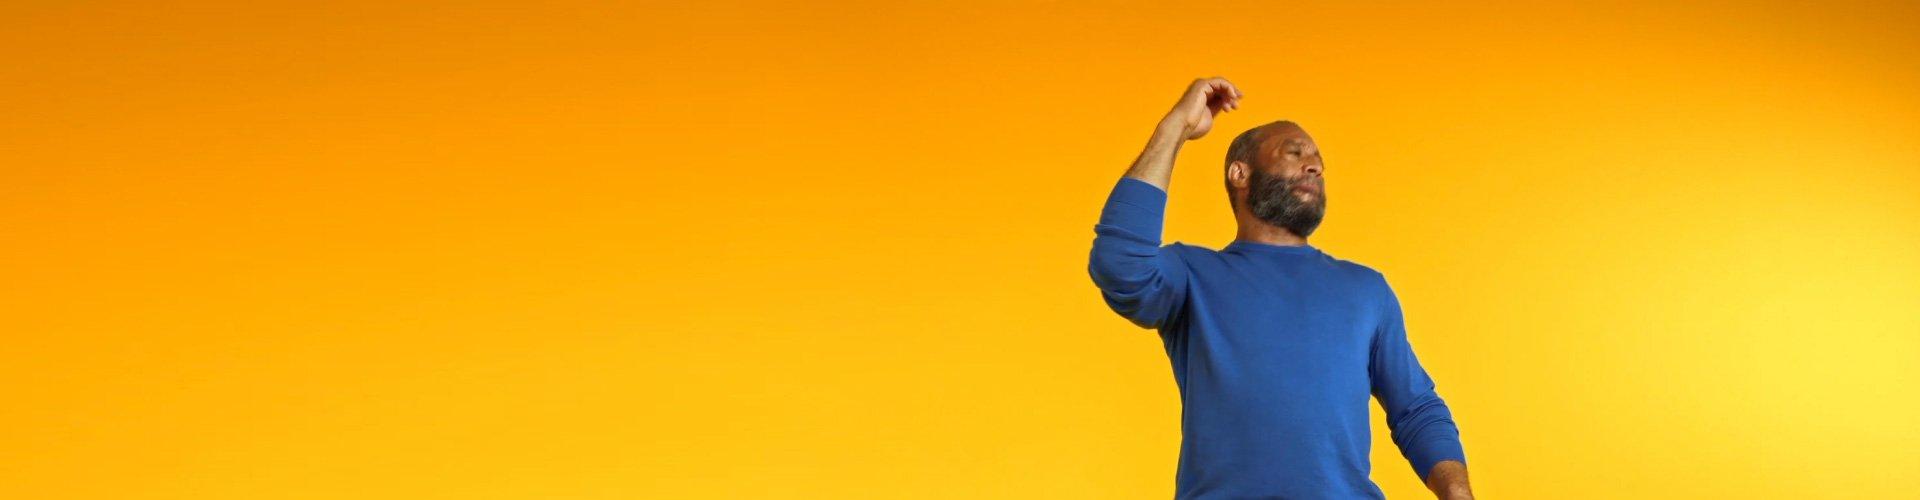 Un homme qui porte des appareils auditifs Philips et qui passe un bon moment en écoutant de la musique et en se connectant à ses proches.